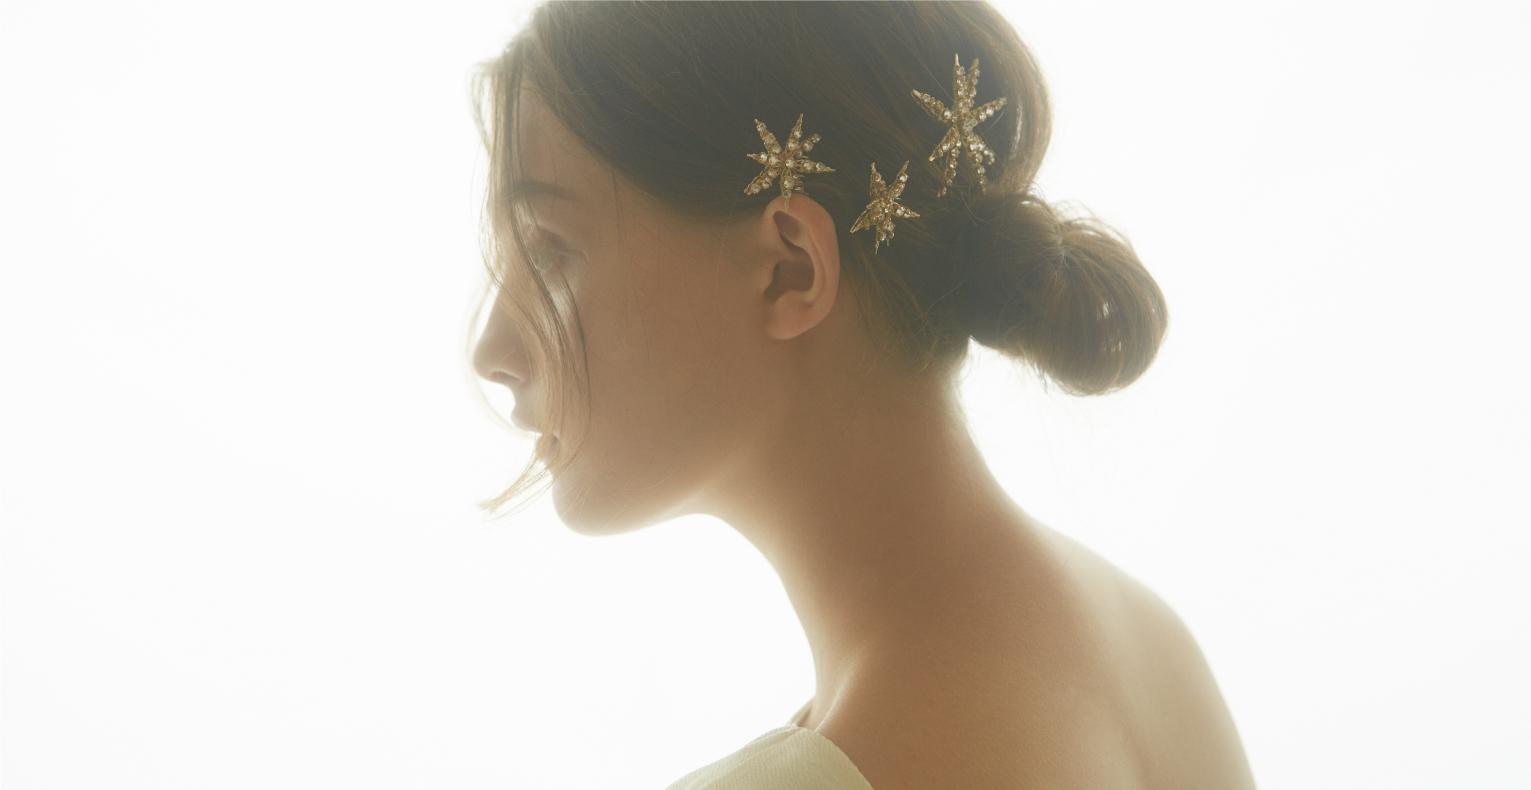 【浴衣ヘアのアレンジにも】まとめ髪をロマンチックに仕上げてくれるジニアヘアピン